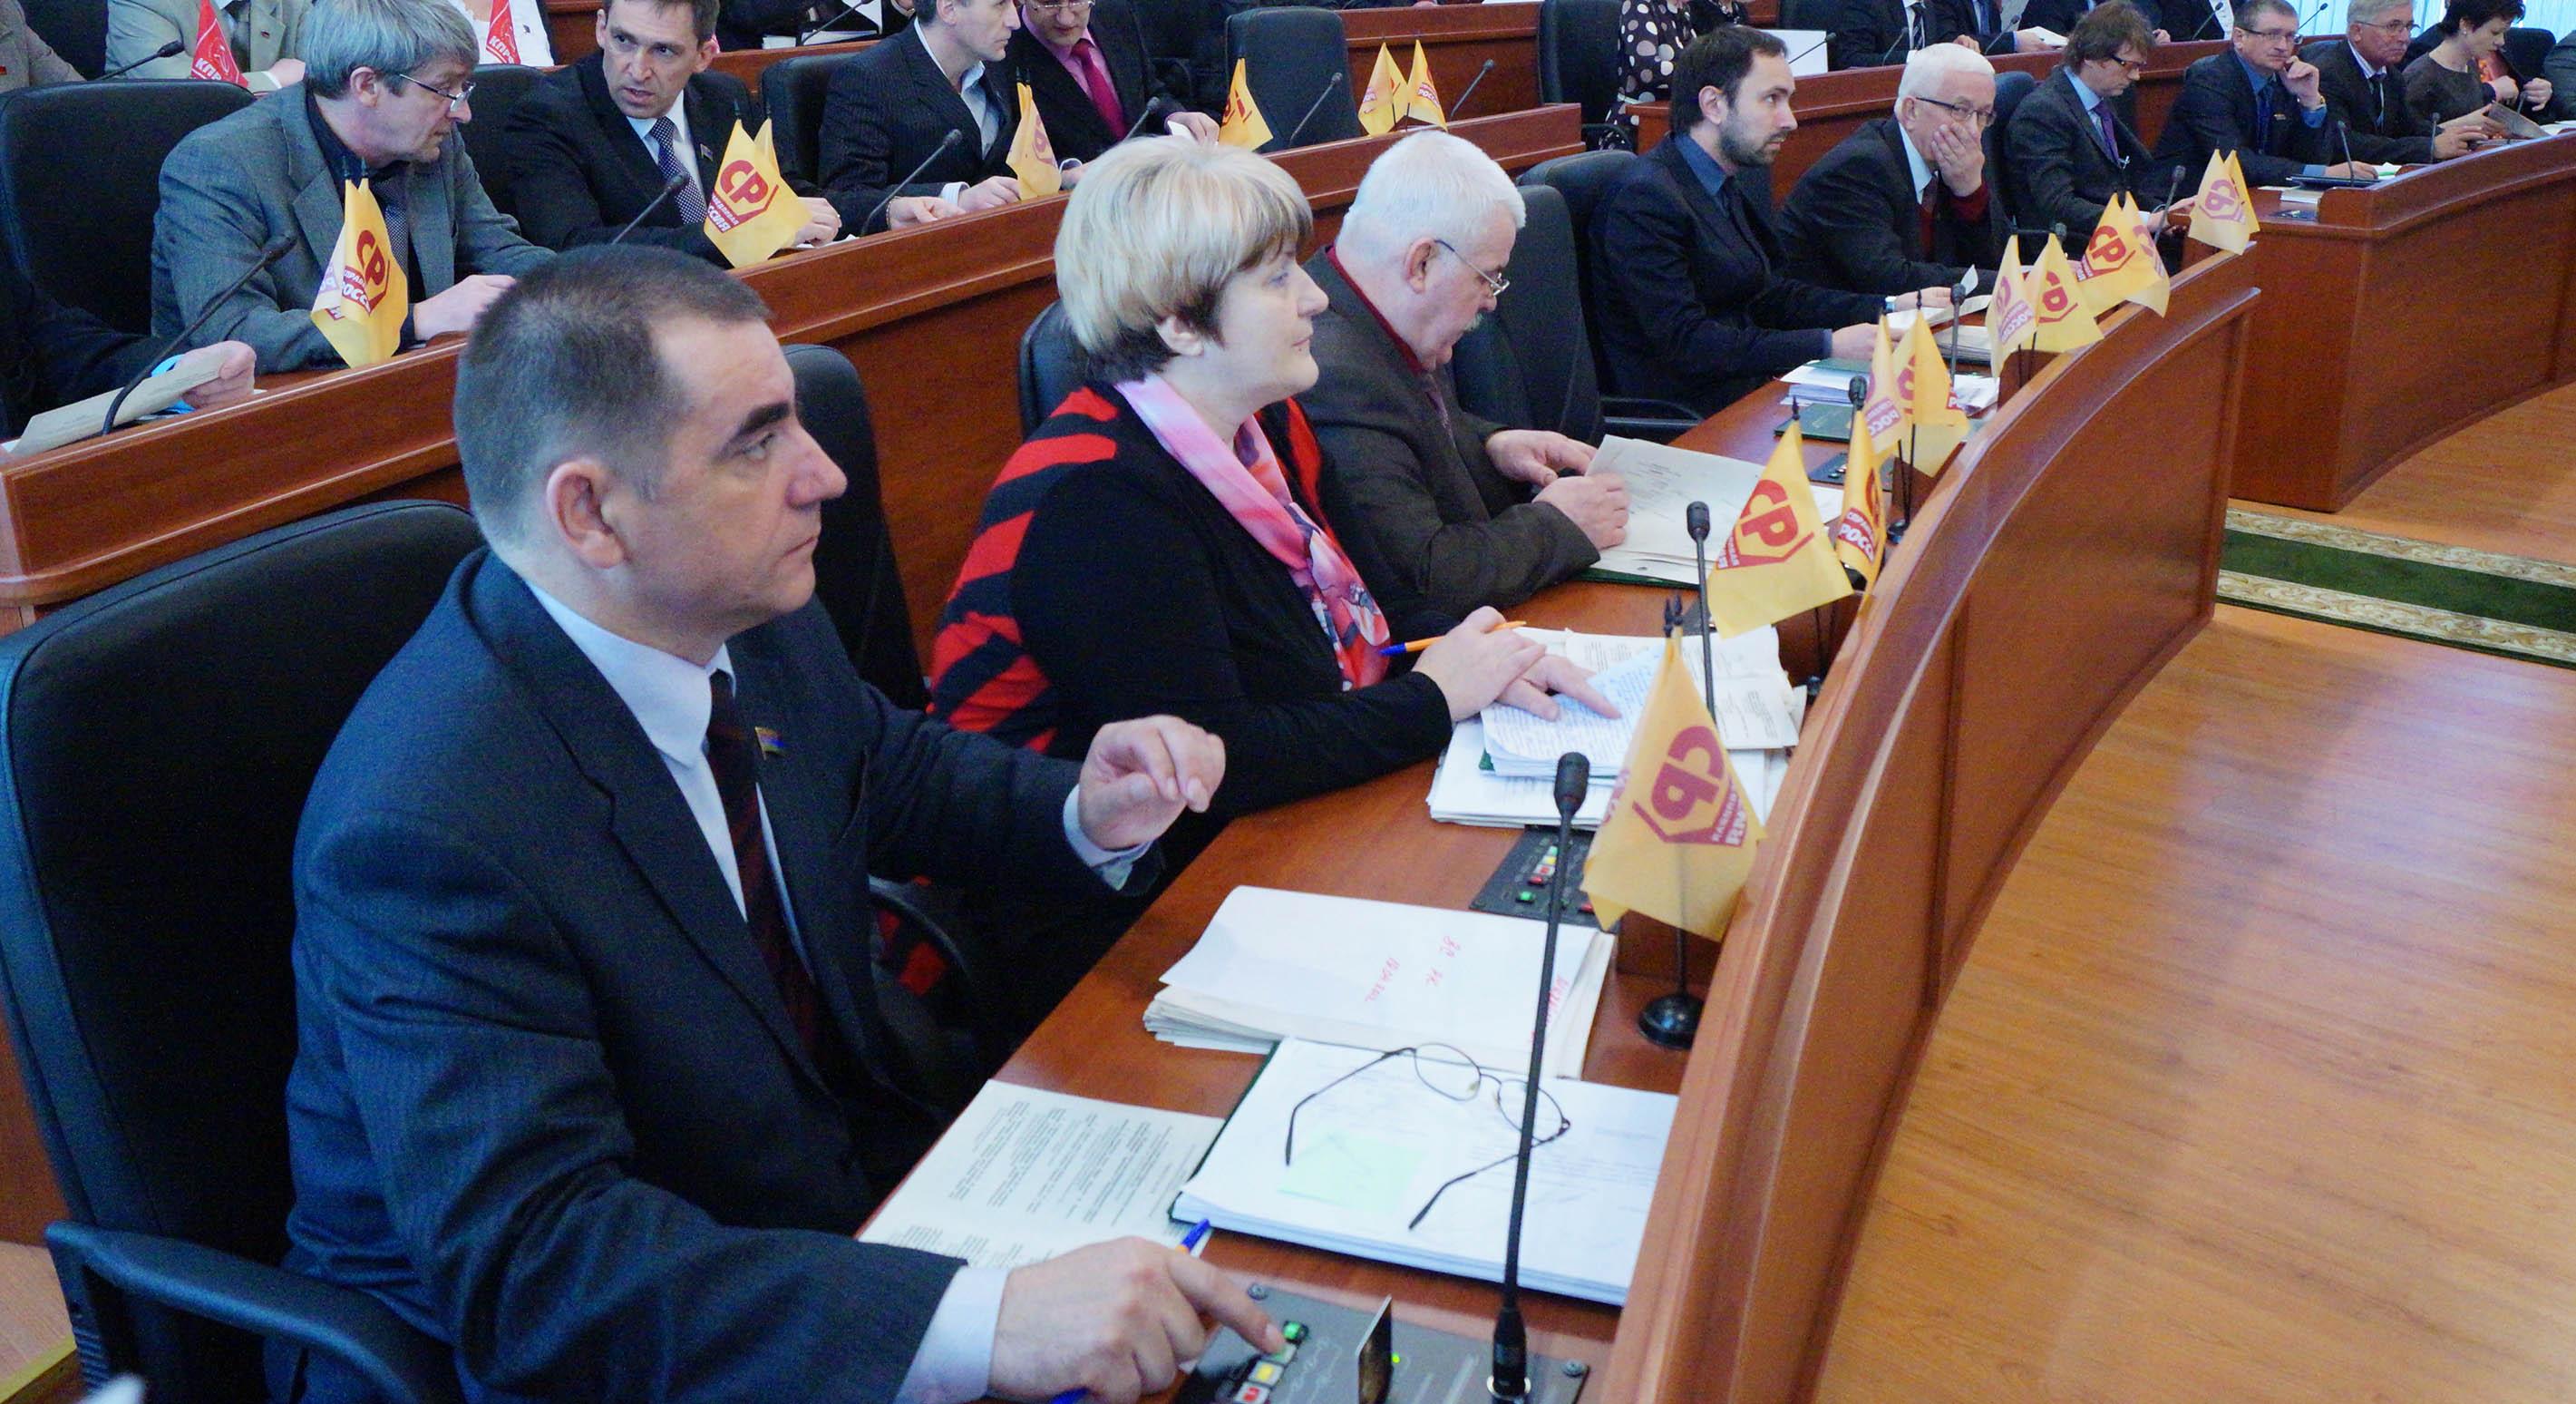 Численность карельских парламентариев хотят урезать. Фото: gubdaily.ru